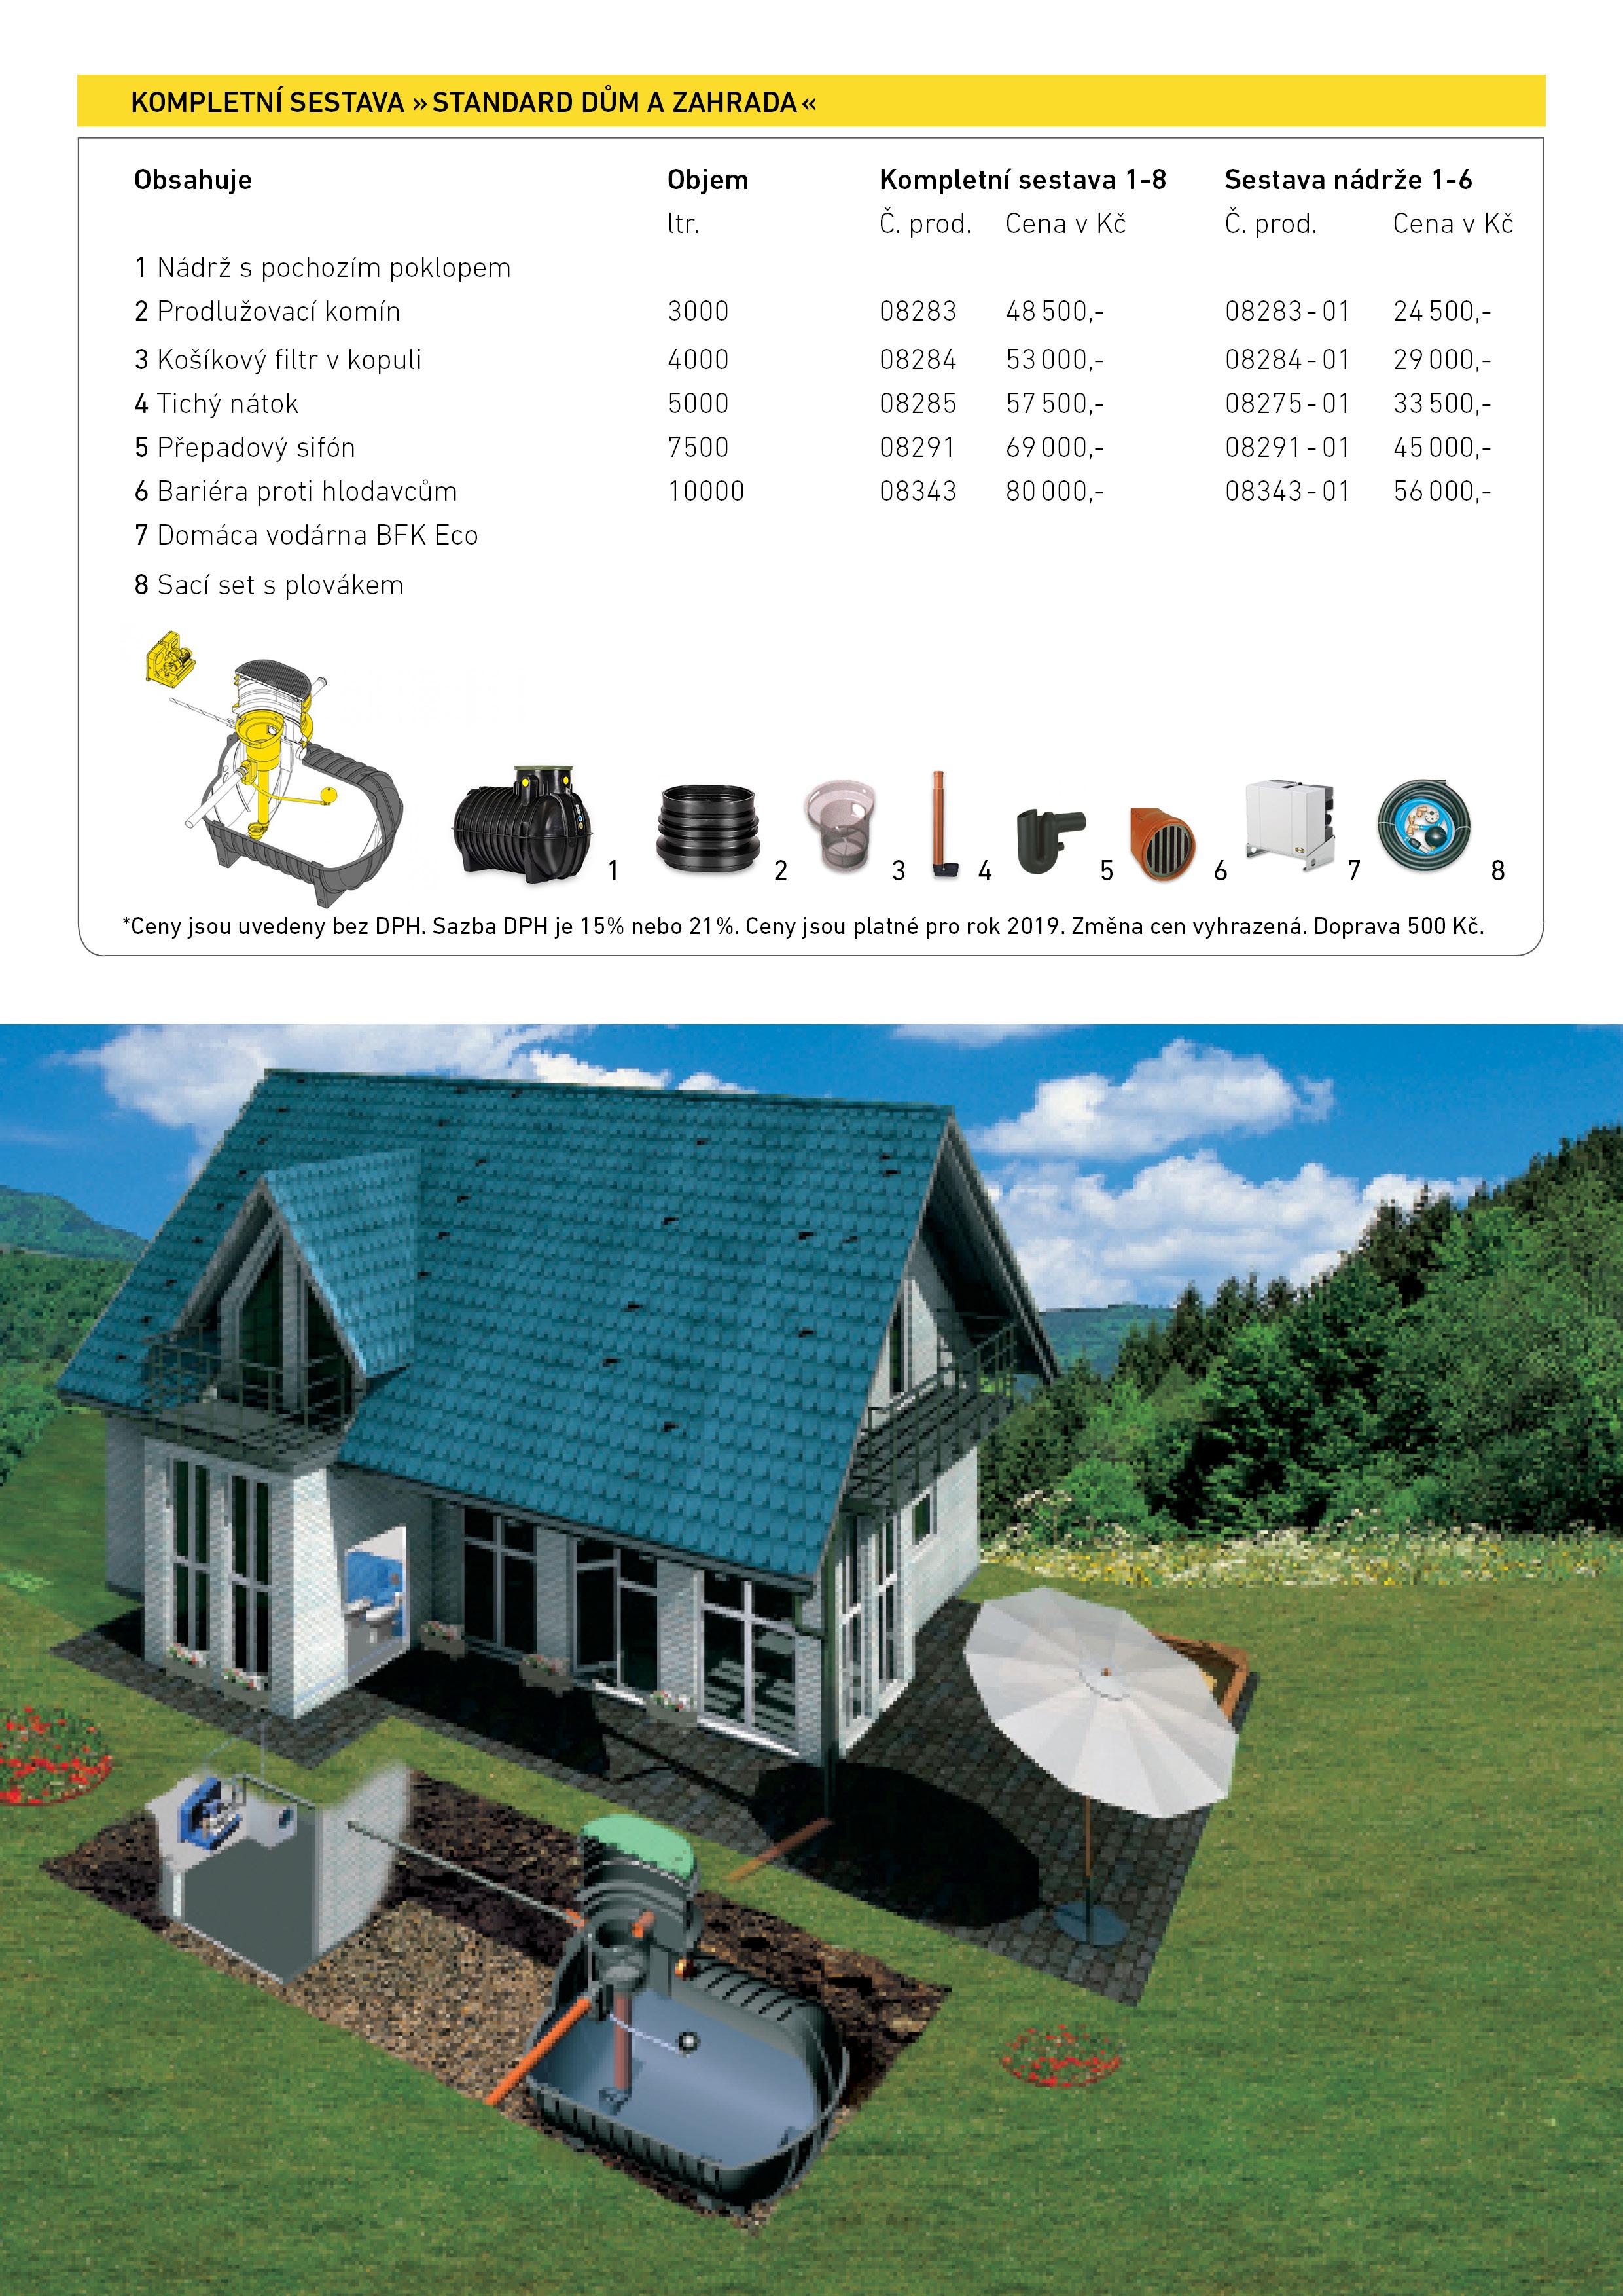 Nádrže na dešťovou vodu - sestava pro dům a zahradu